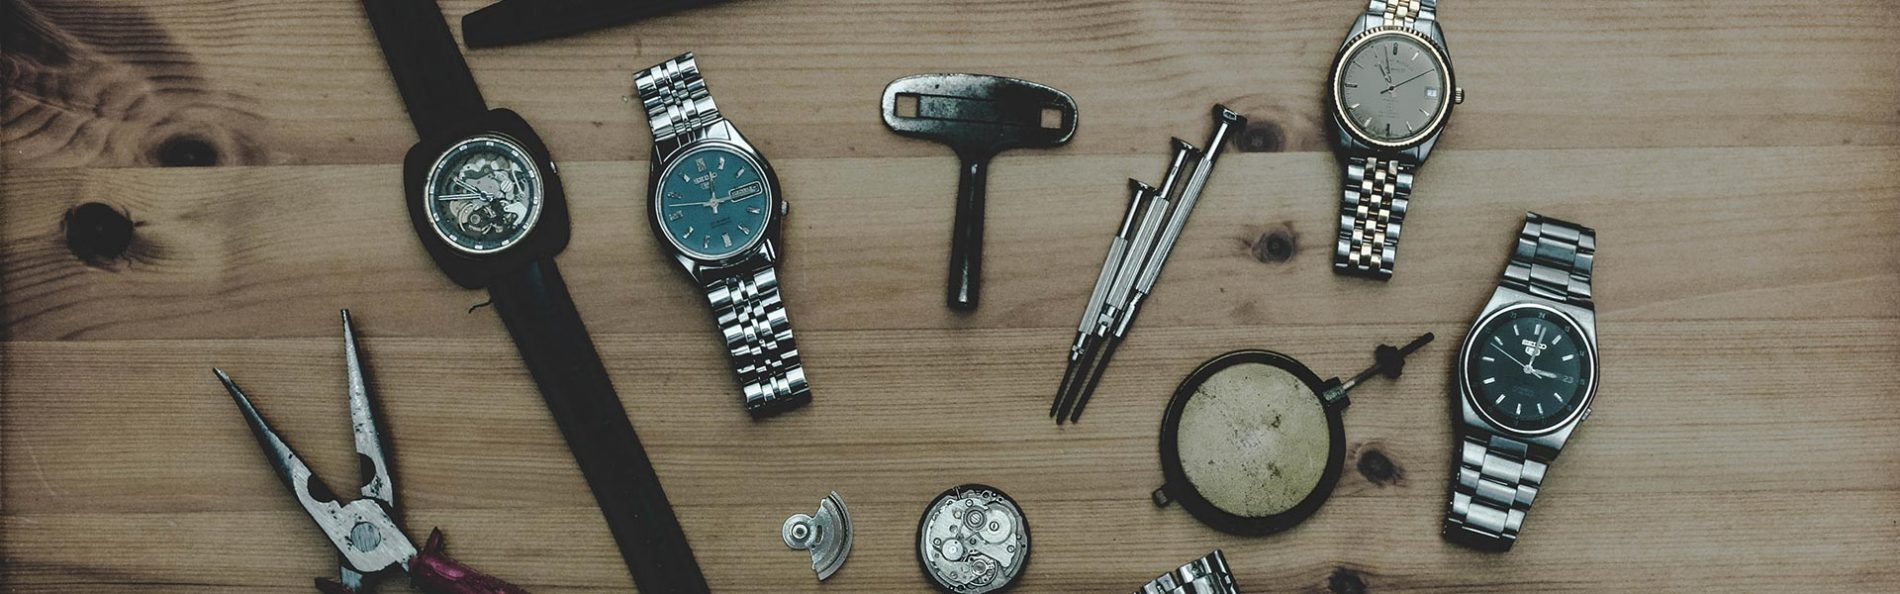 Horloge occassion 01